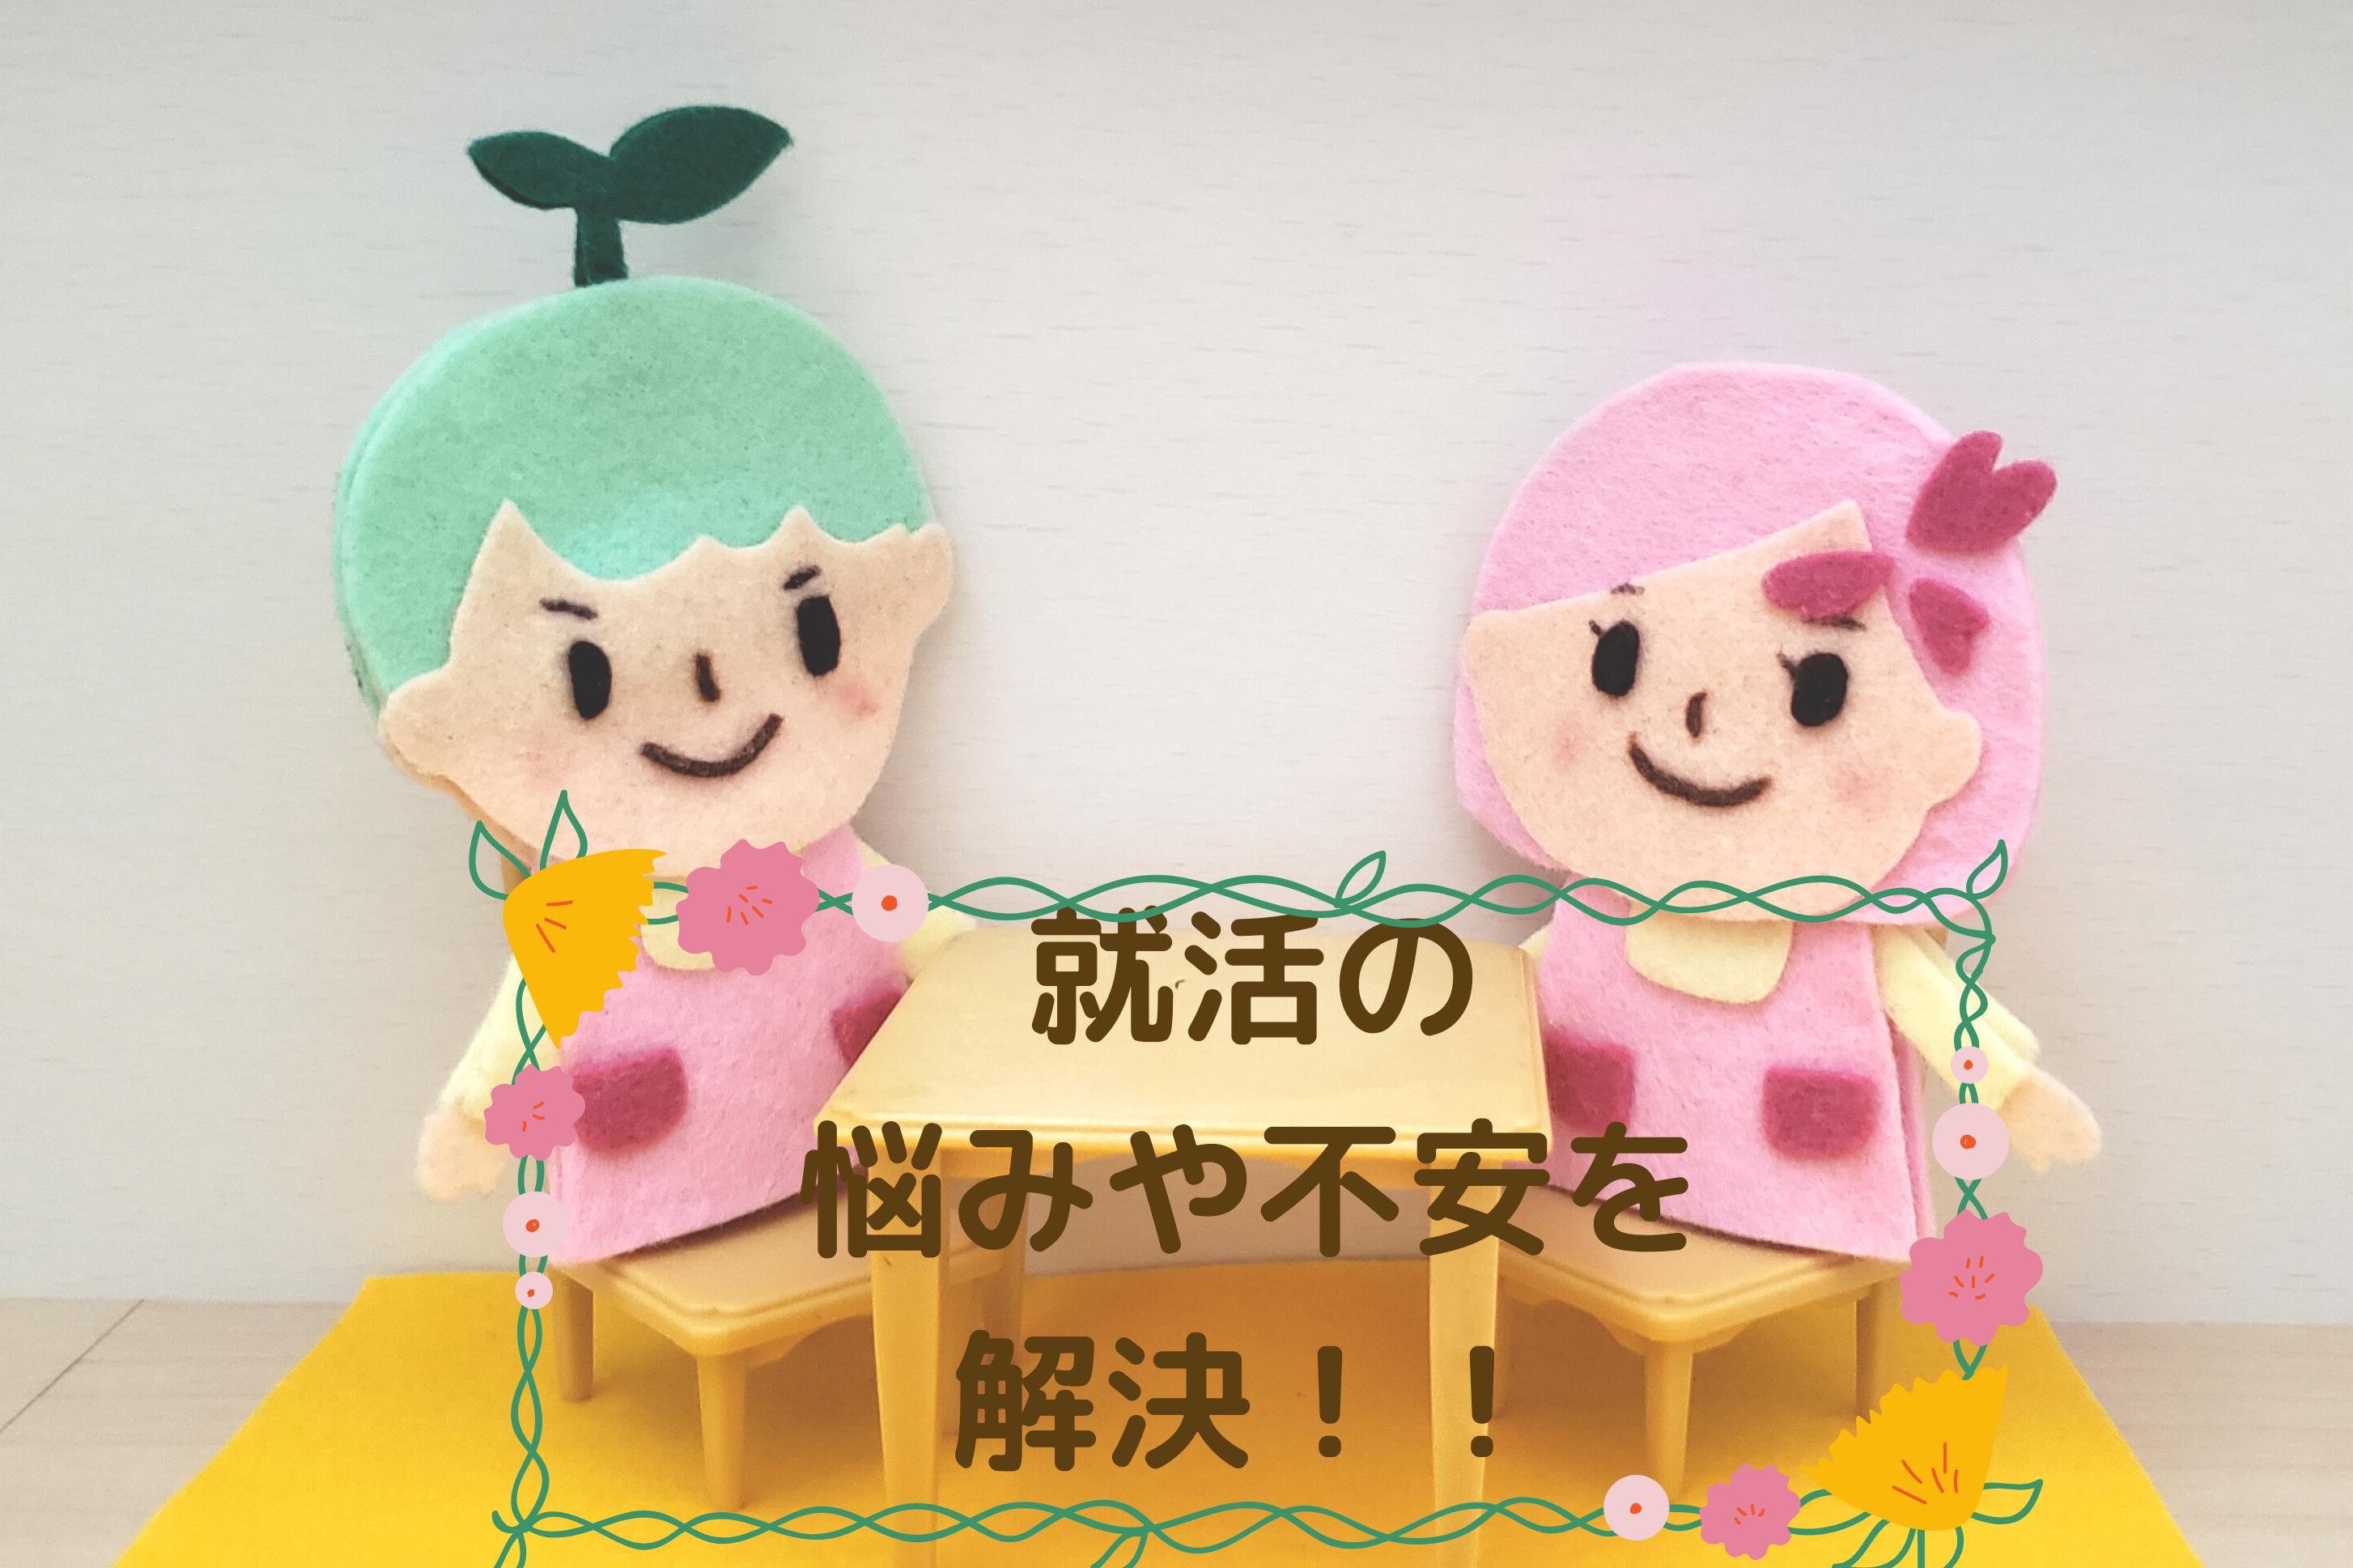 【保育士】22年3月卒 ★☆就職ガイダンス第1弾☆★のアイキャッチ